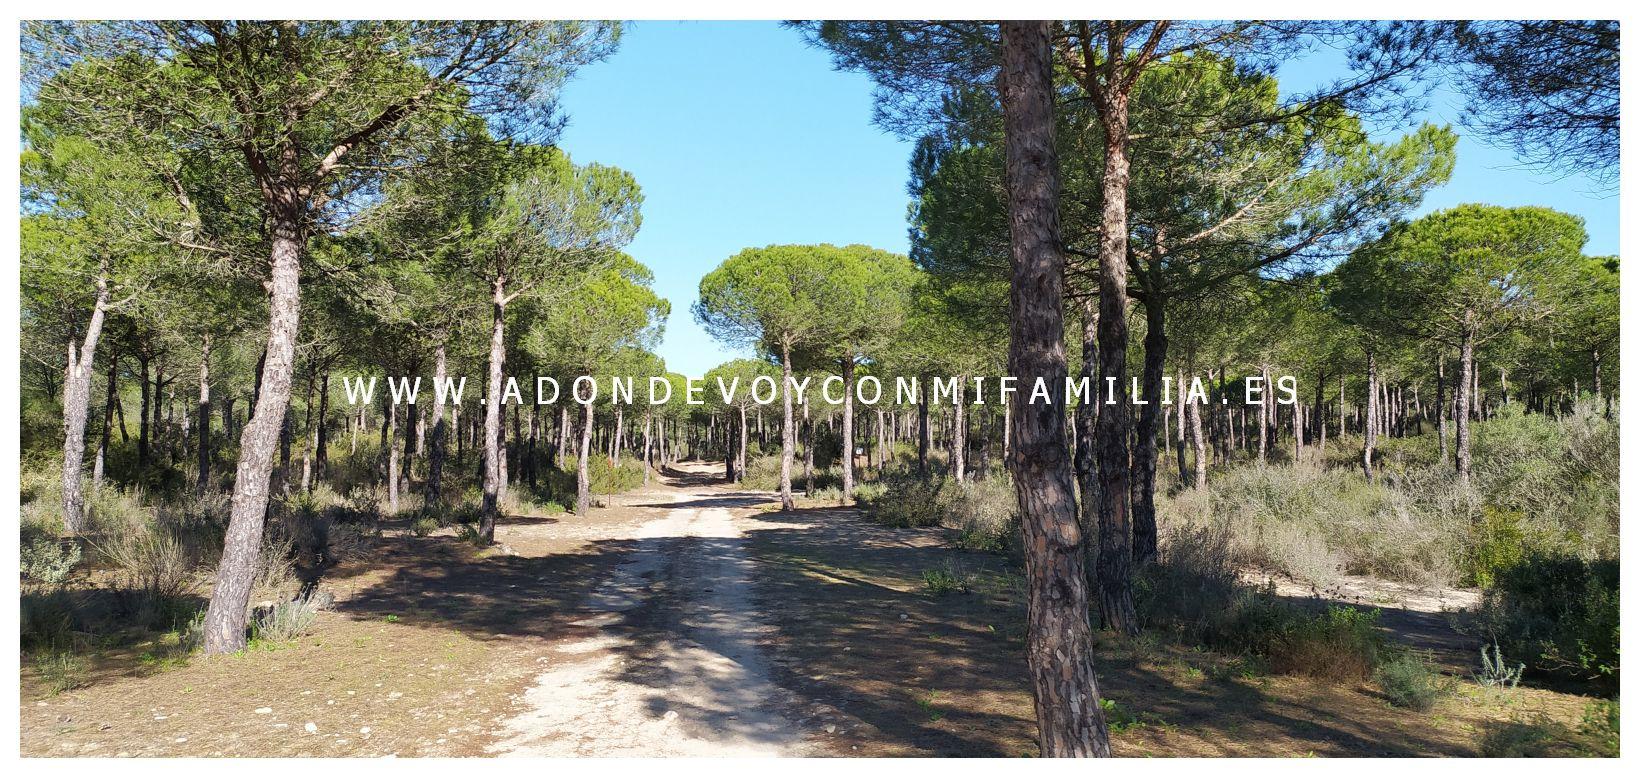 sendero-cerro-del-aguila-pinar-de-la-algaida-sanlucar-adondevoyconmifamilia-13